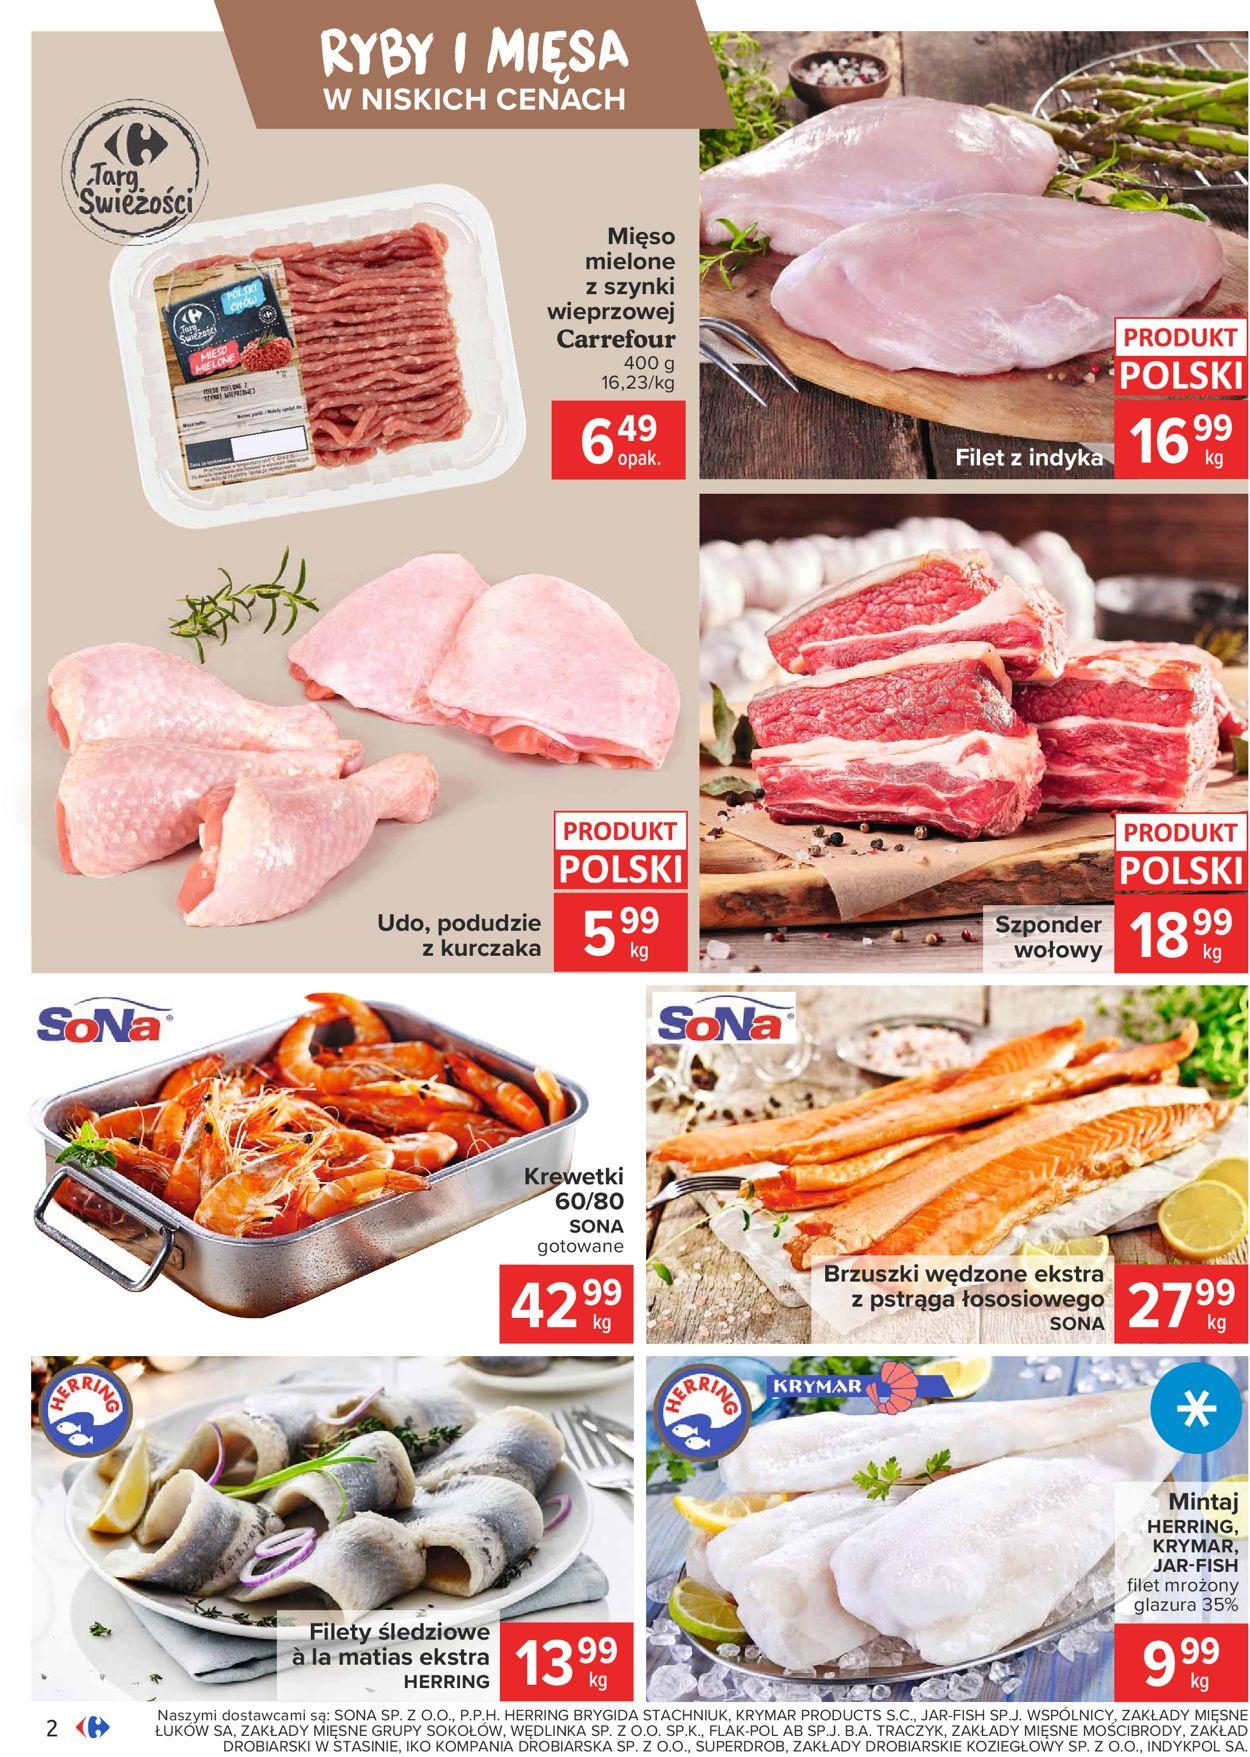 Gazetka promocyjna Carrefour - 09.03-15.03.2021 (Strona 2)